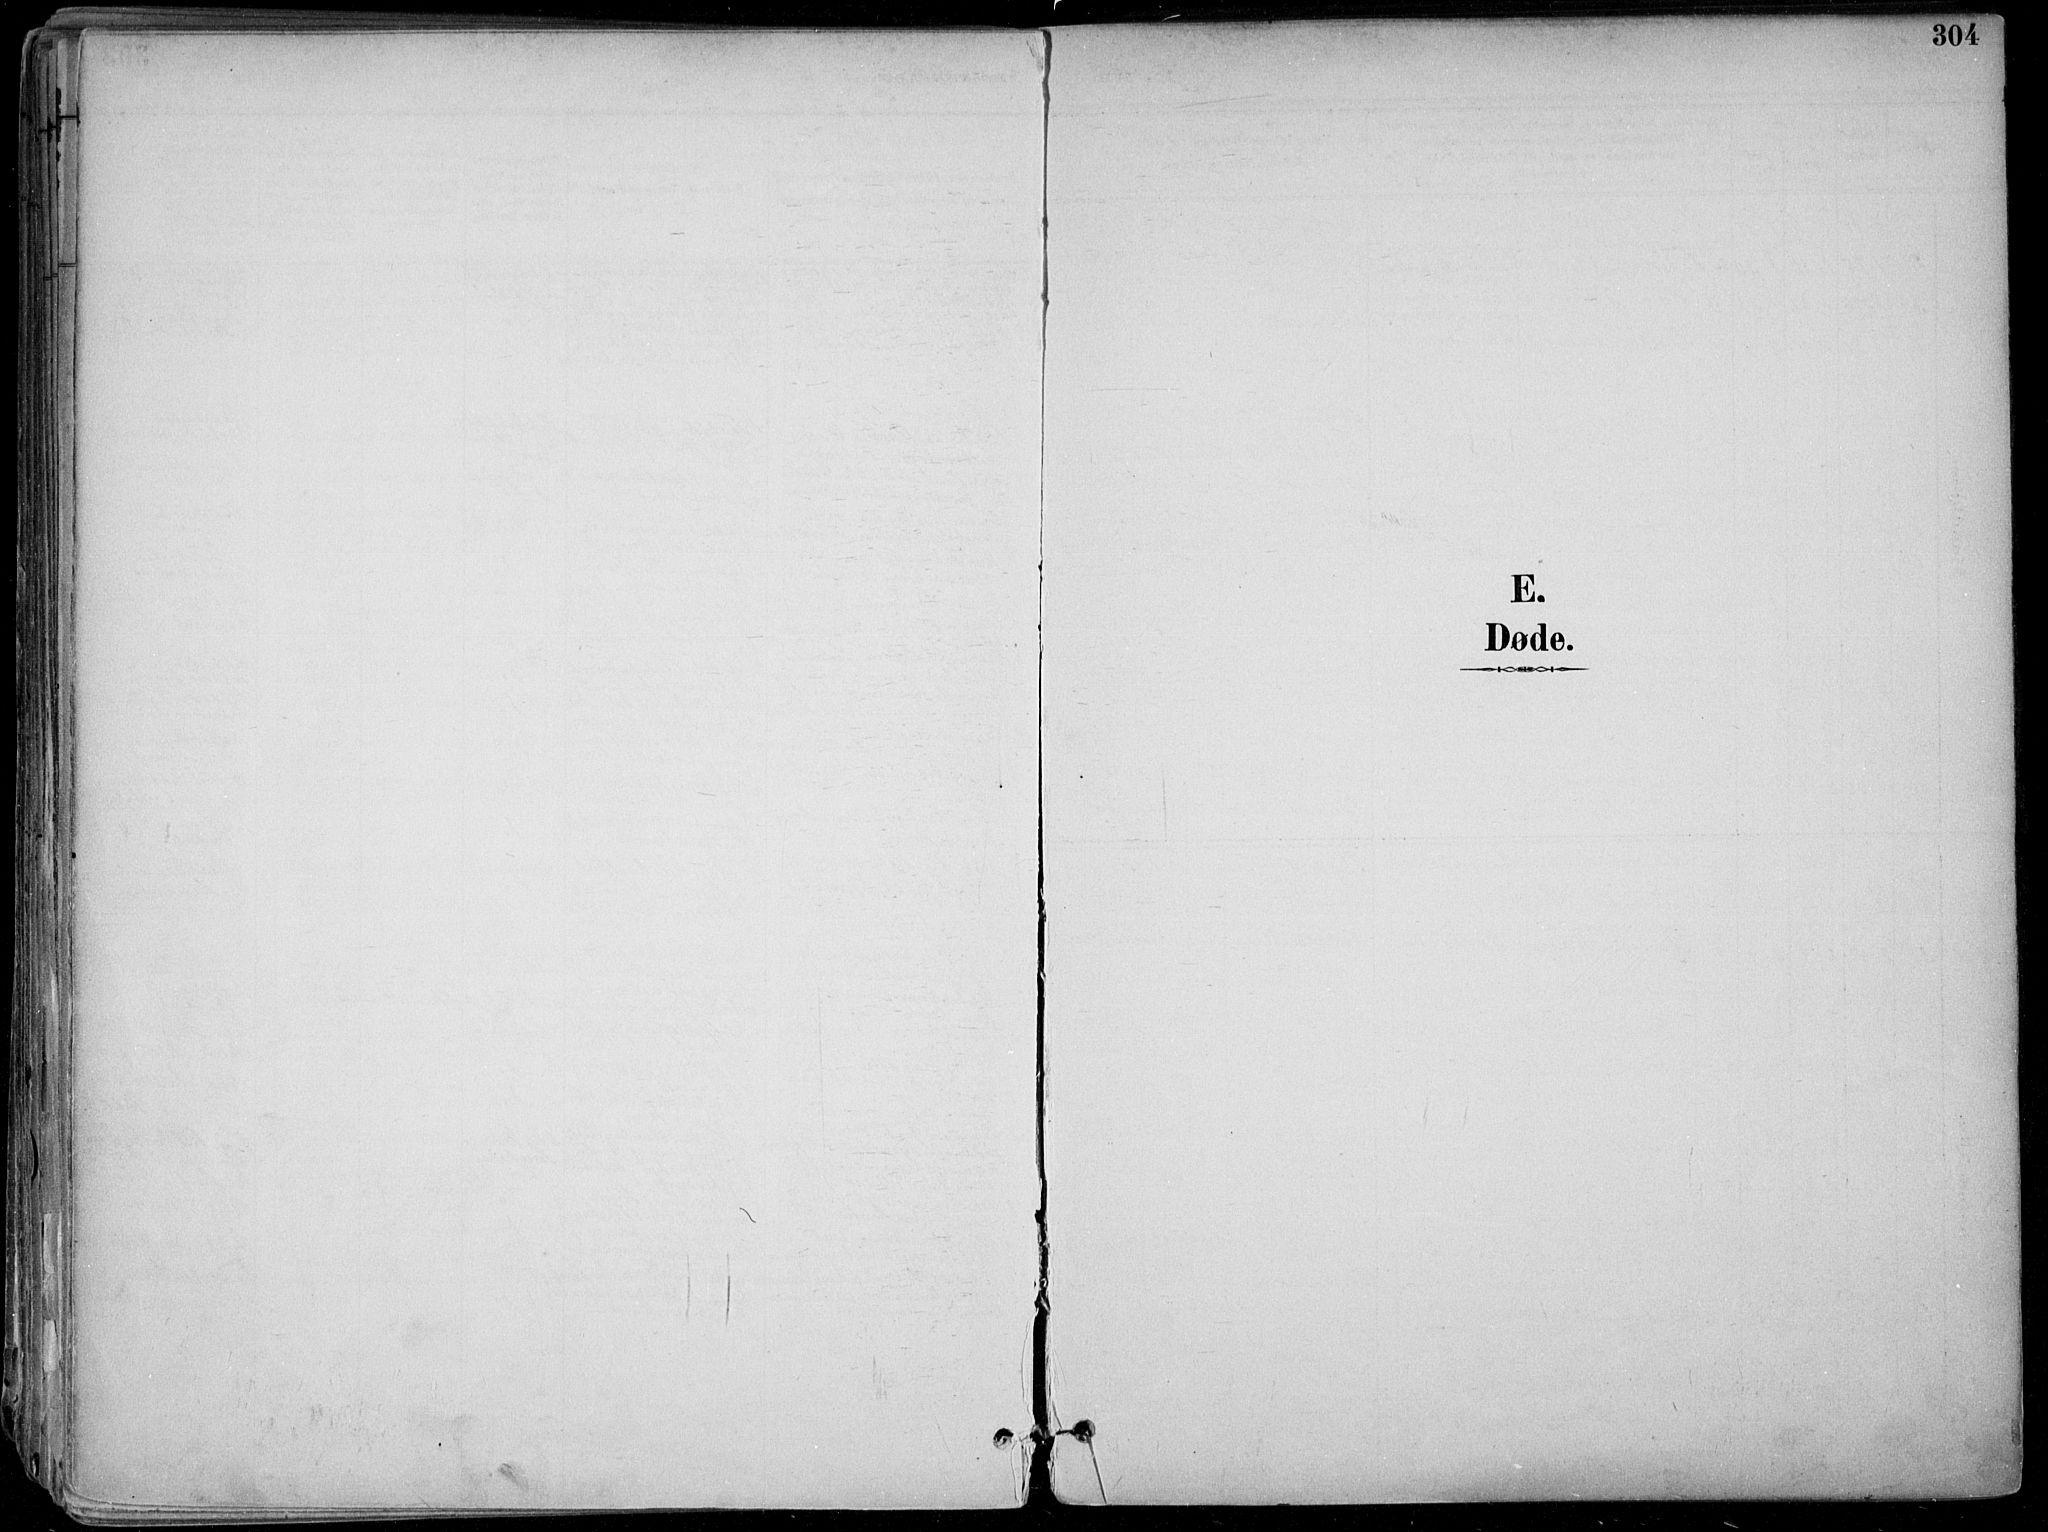 SAKO, Skien kirkebøker, F/Fa/L0010: Ministerialbok nr. 10, 1891-1899, s. 304